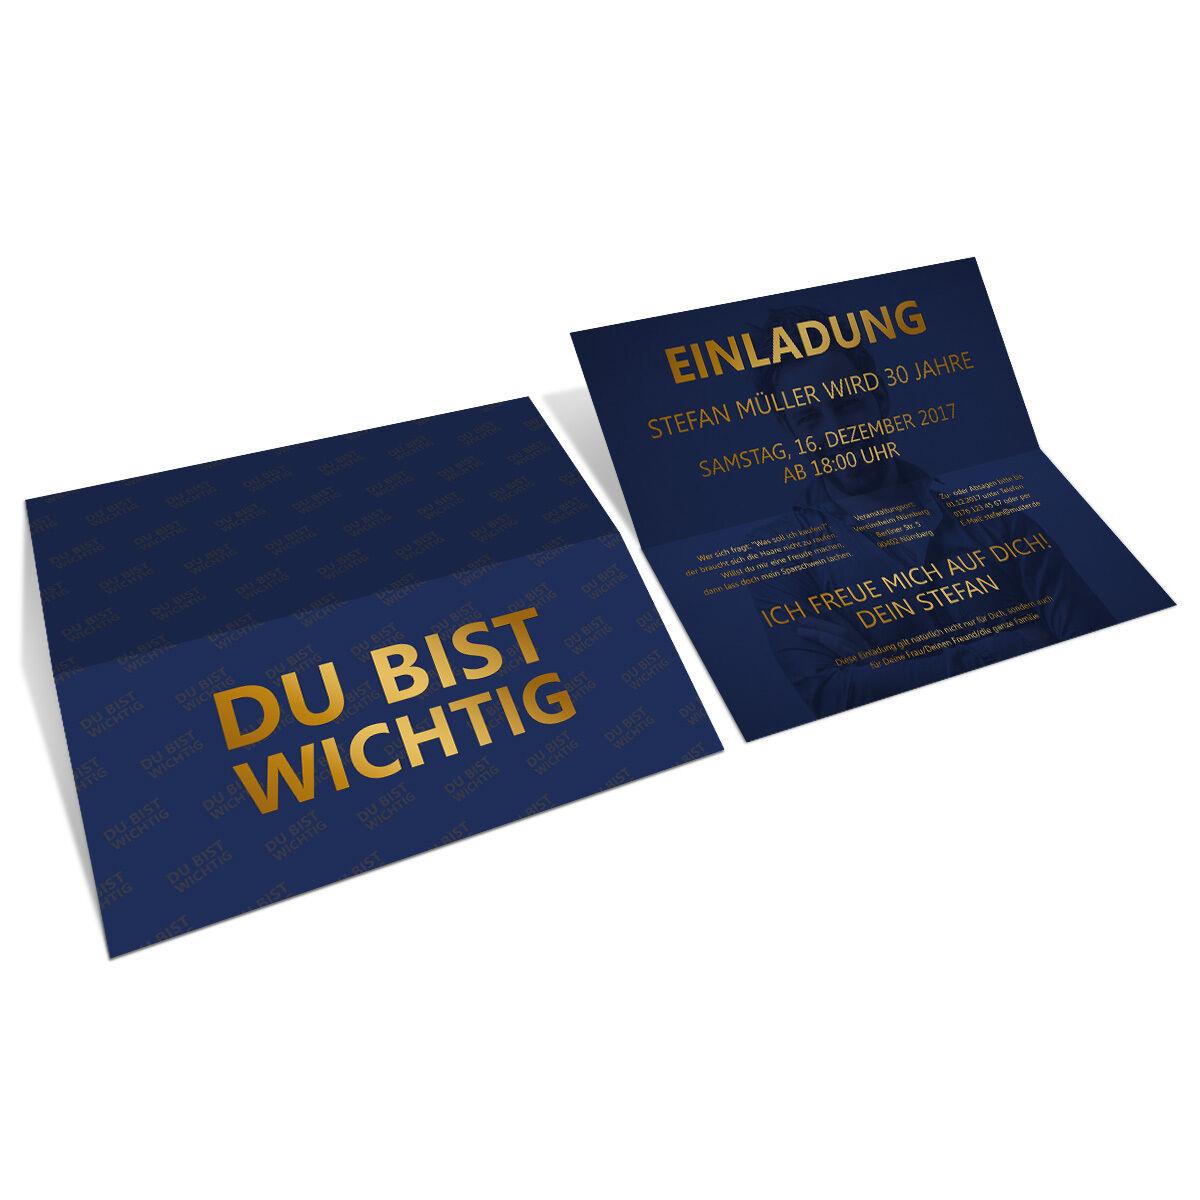 Einladungskarten Geburtstag - Du bist wichtig - Einladungen Klappkarte   | Discount  | Gutes Design